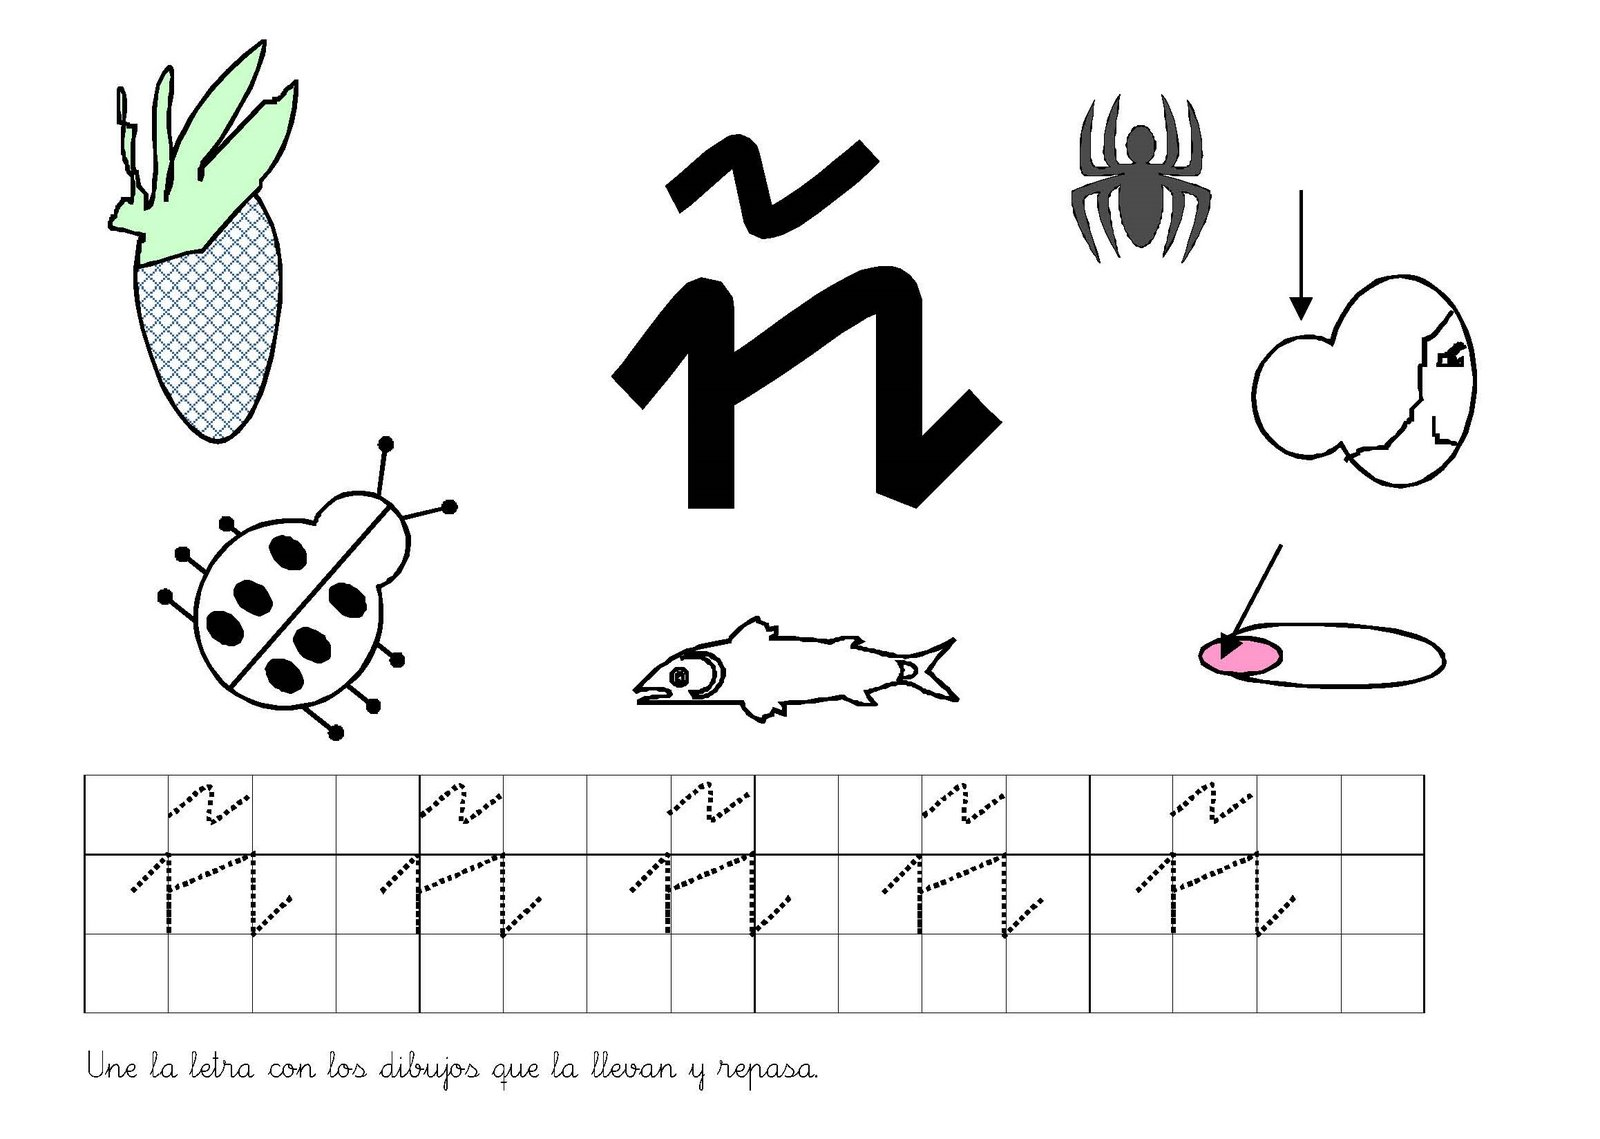 En creator graffiti linea 3d pin creator abecedario varios graffiti letras de tipos manuscrita en